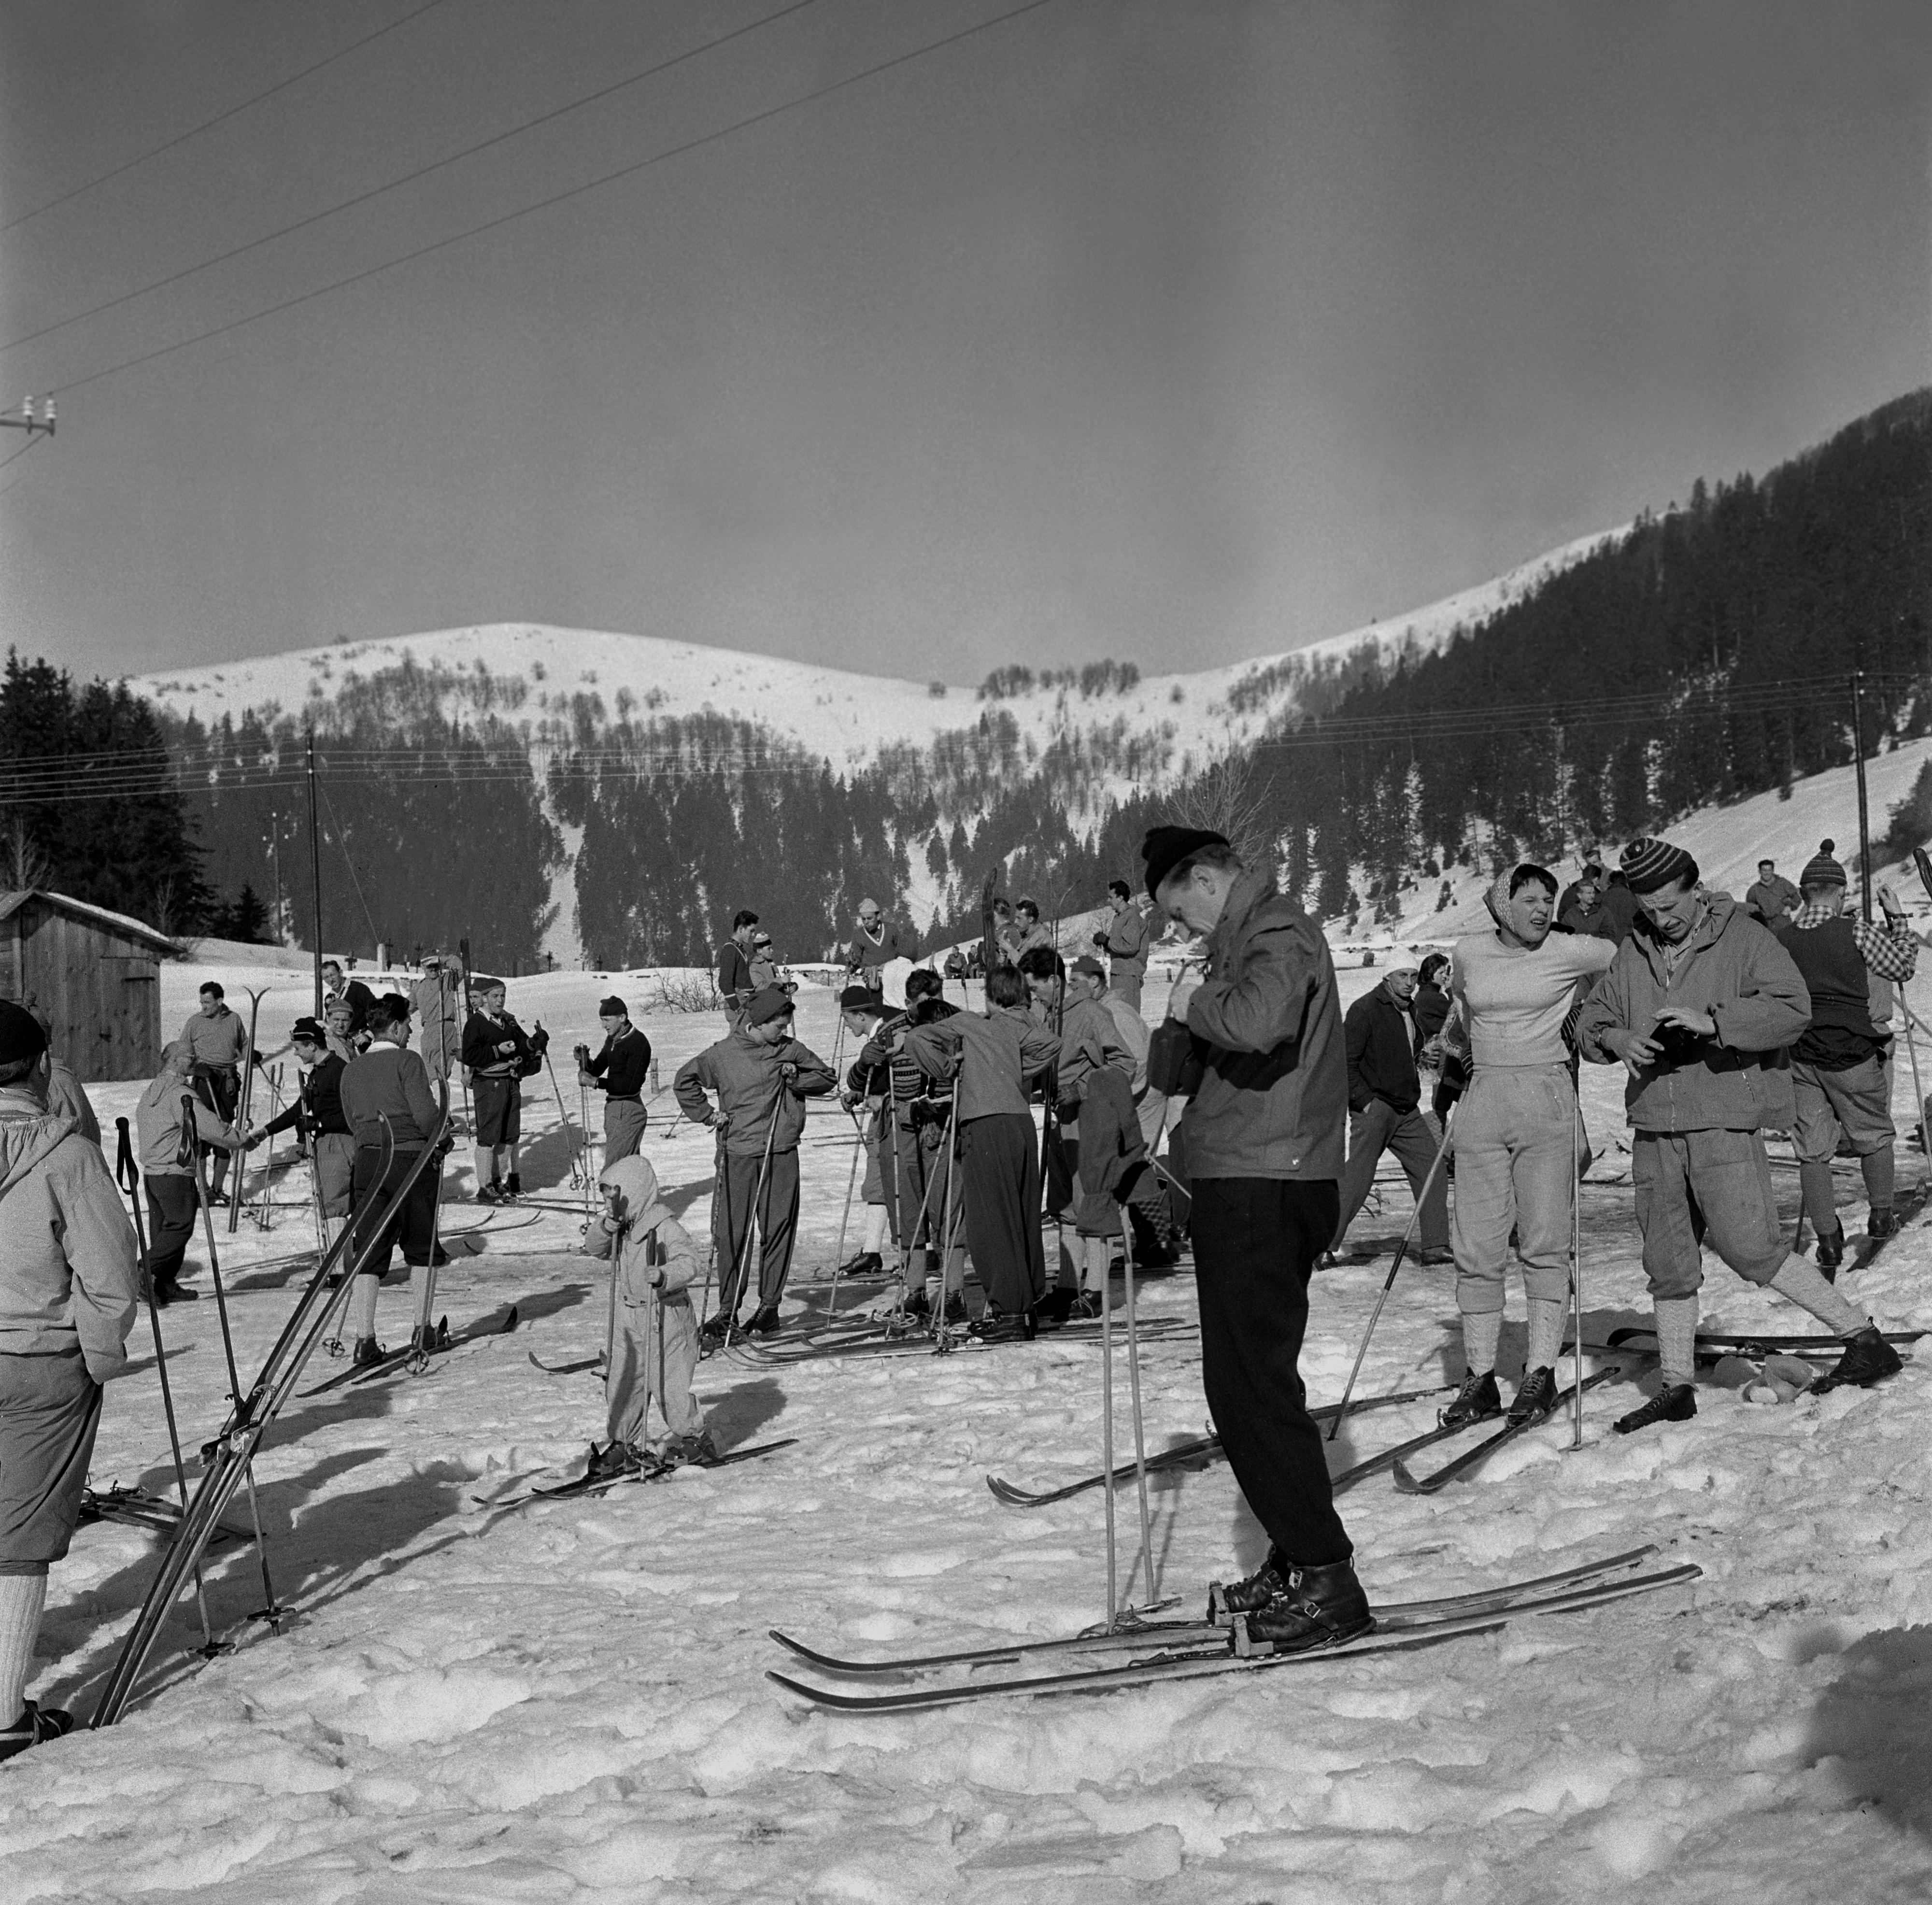 Na archívnej snímke z 9. marca 1960 Donovaly, stredisko lyžiarskych športov a turistiky.